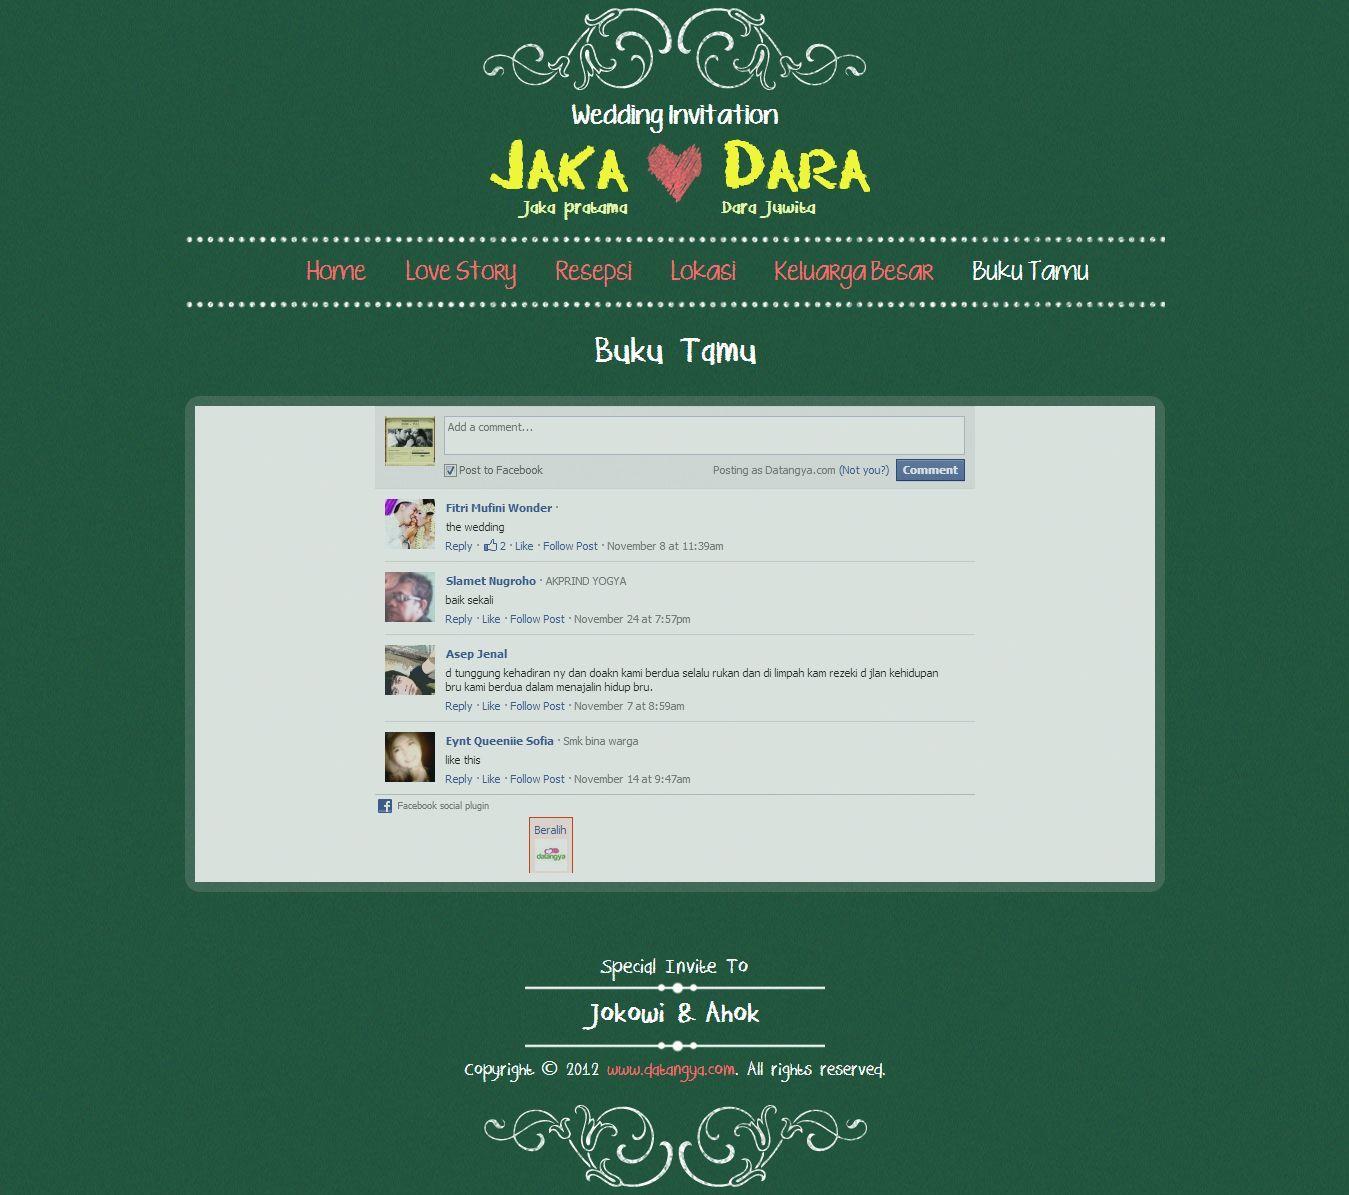 Halaman Buku Tamu Undangan Pernikahan Online Tema Chalkboard Hanya